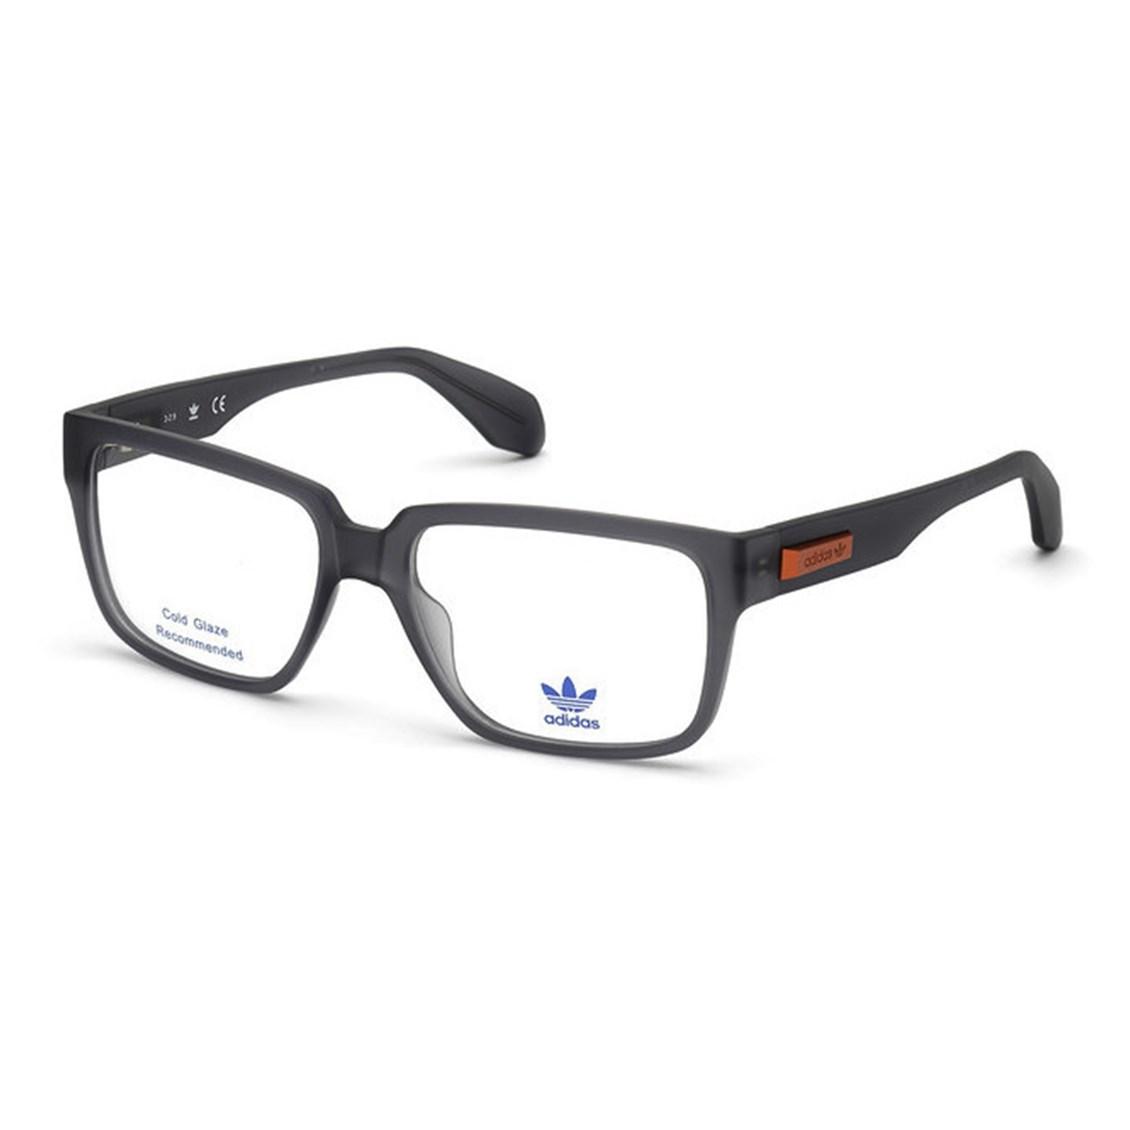 Óculos de Grau Adidas OR5005 020-55